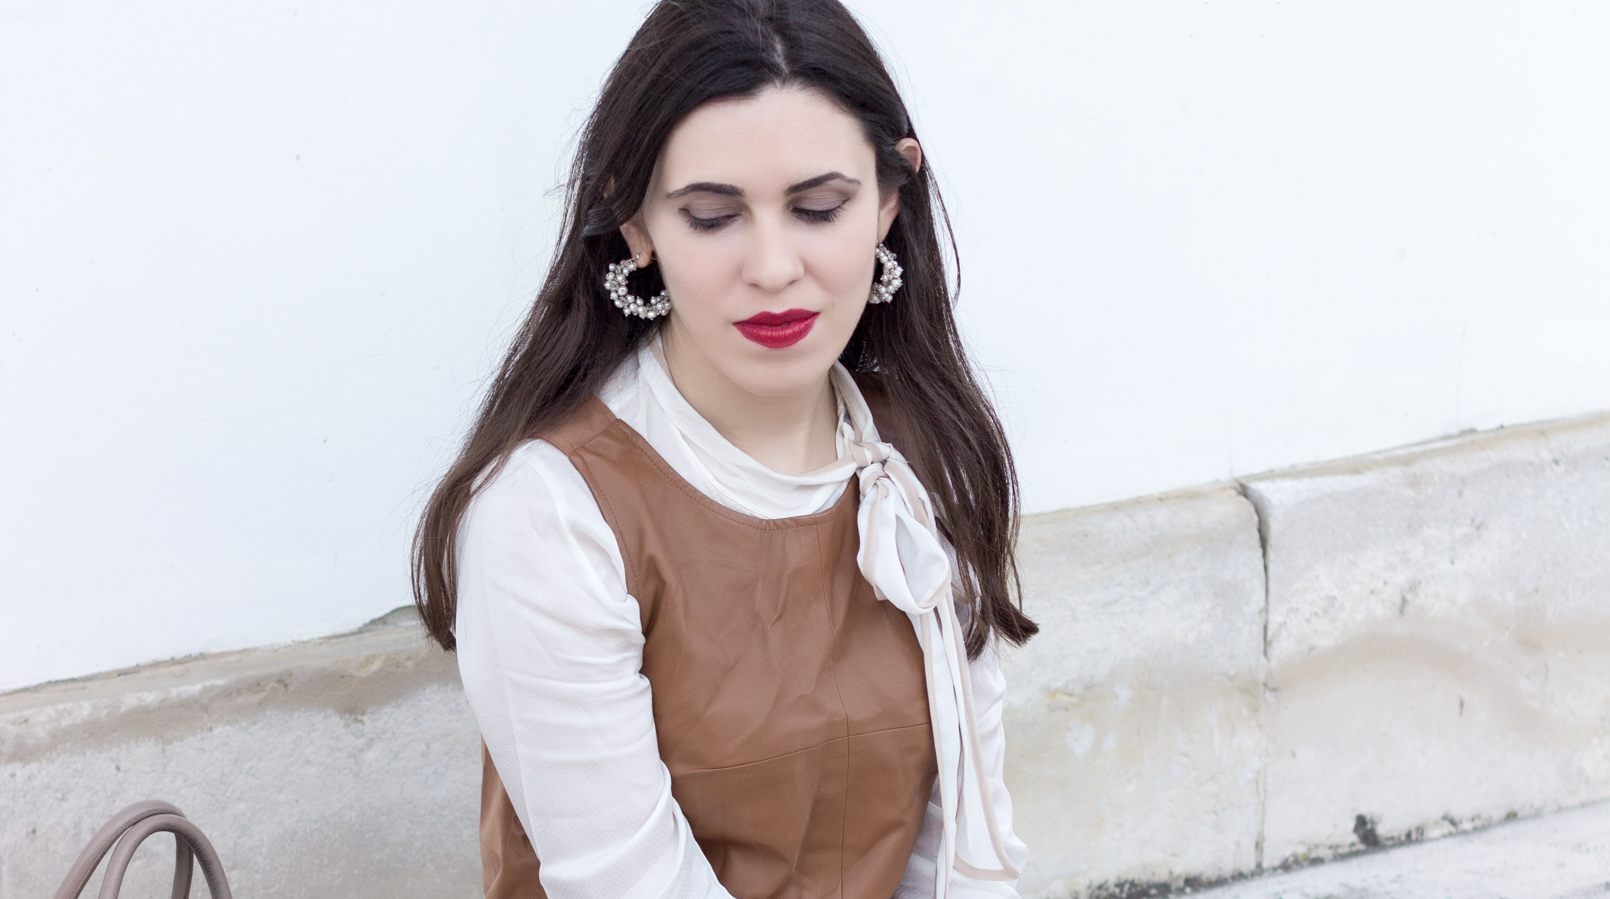 Le Fashionaire O amor é o meu lugar preferido camisa branca detalhes castanhos colete castanho pele stradivarius saia trapezio branca zara brincos argolas perolas 9227F PT